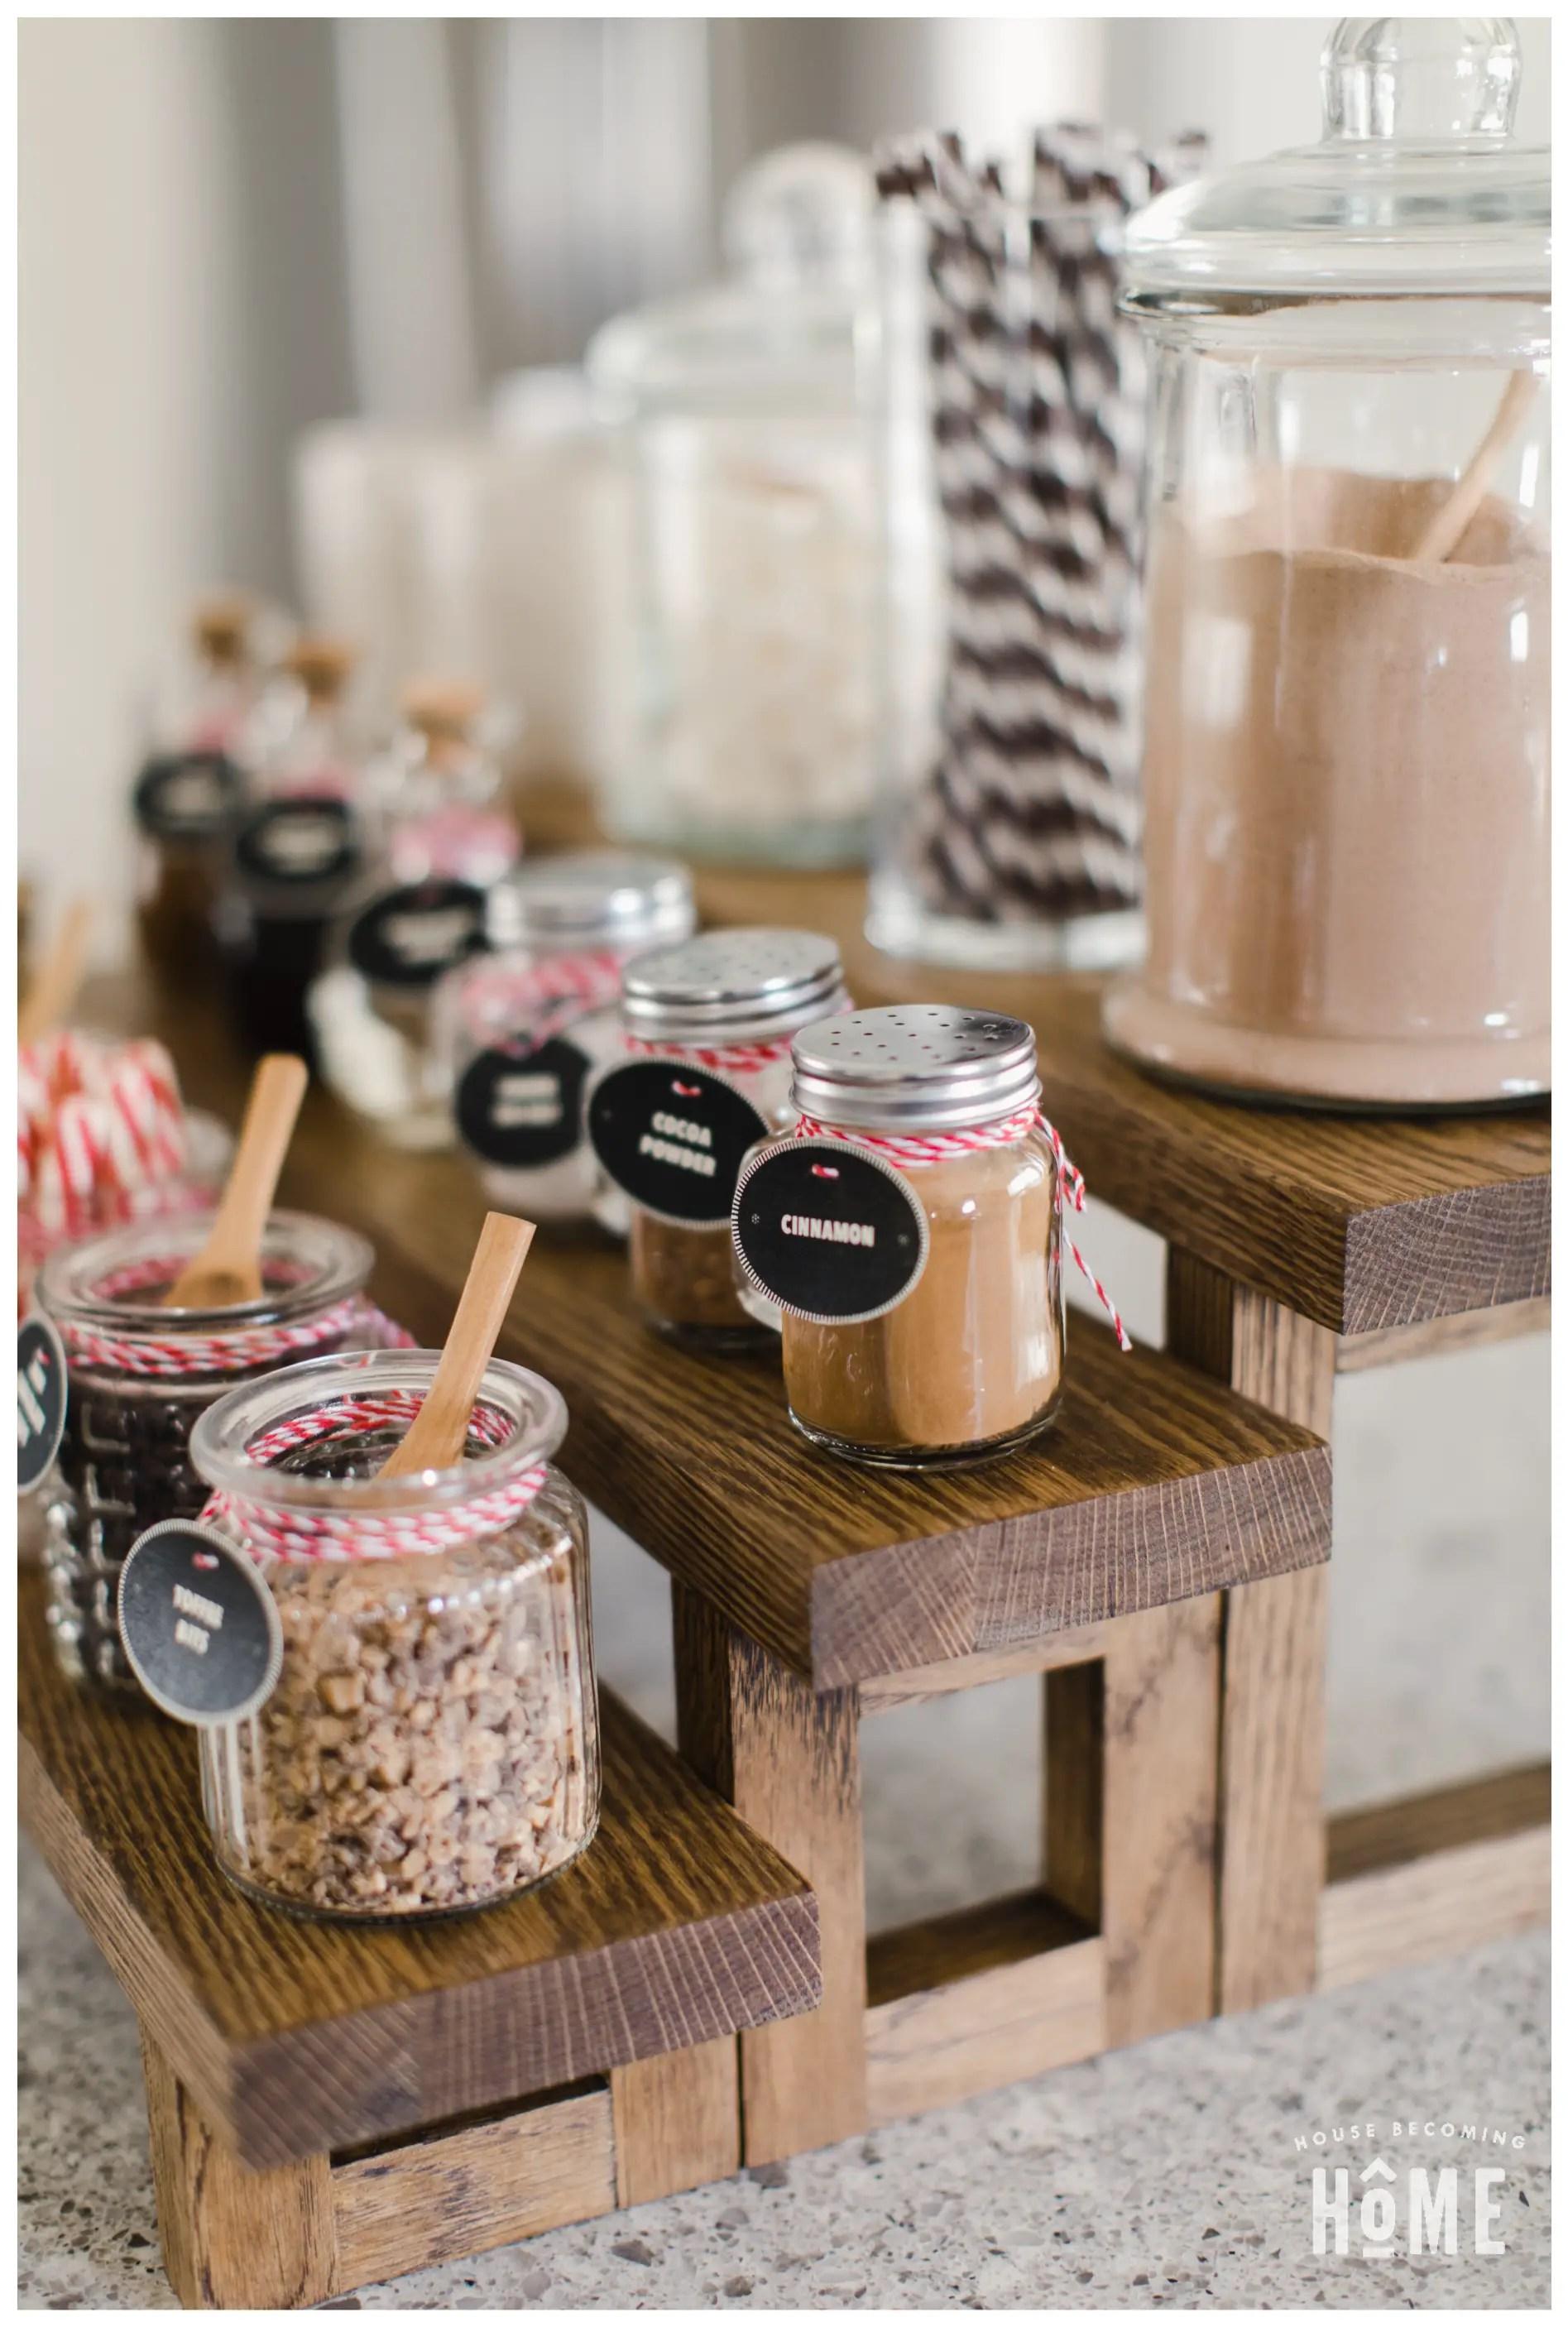 Hot Cocoa Bar Ideas for Items to Include : cinnamon, cocoa powder, coarse sea salt